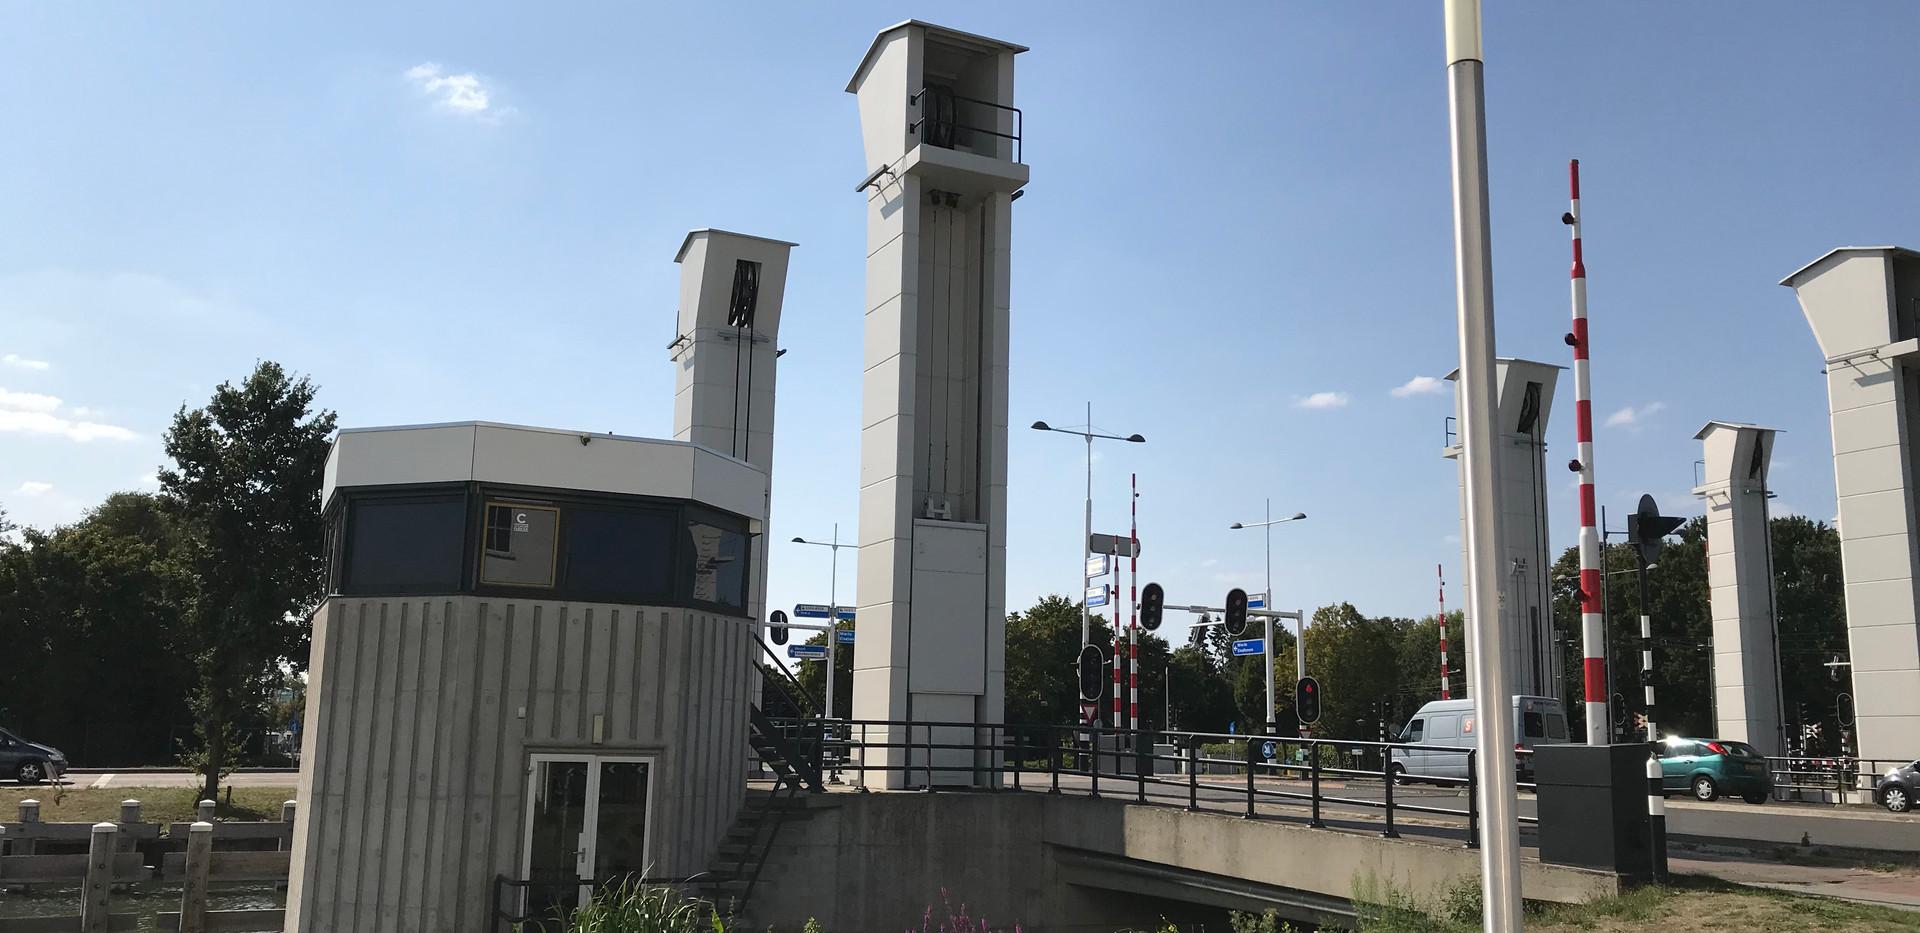 """De Brugwachtershuisje (Bridge Watchman's House), venue for """"Misery of Men Suite"""" installation"""